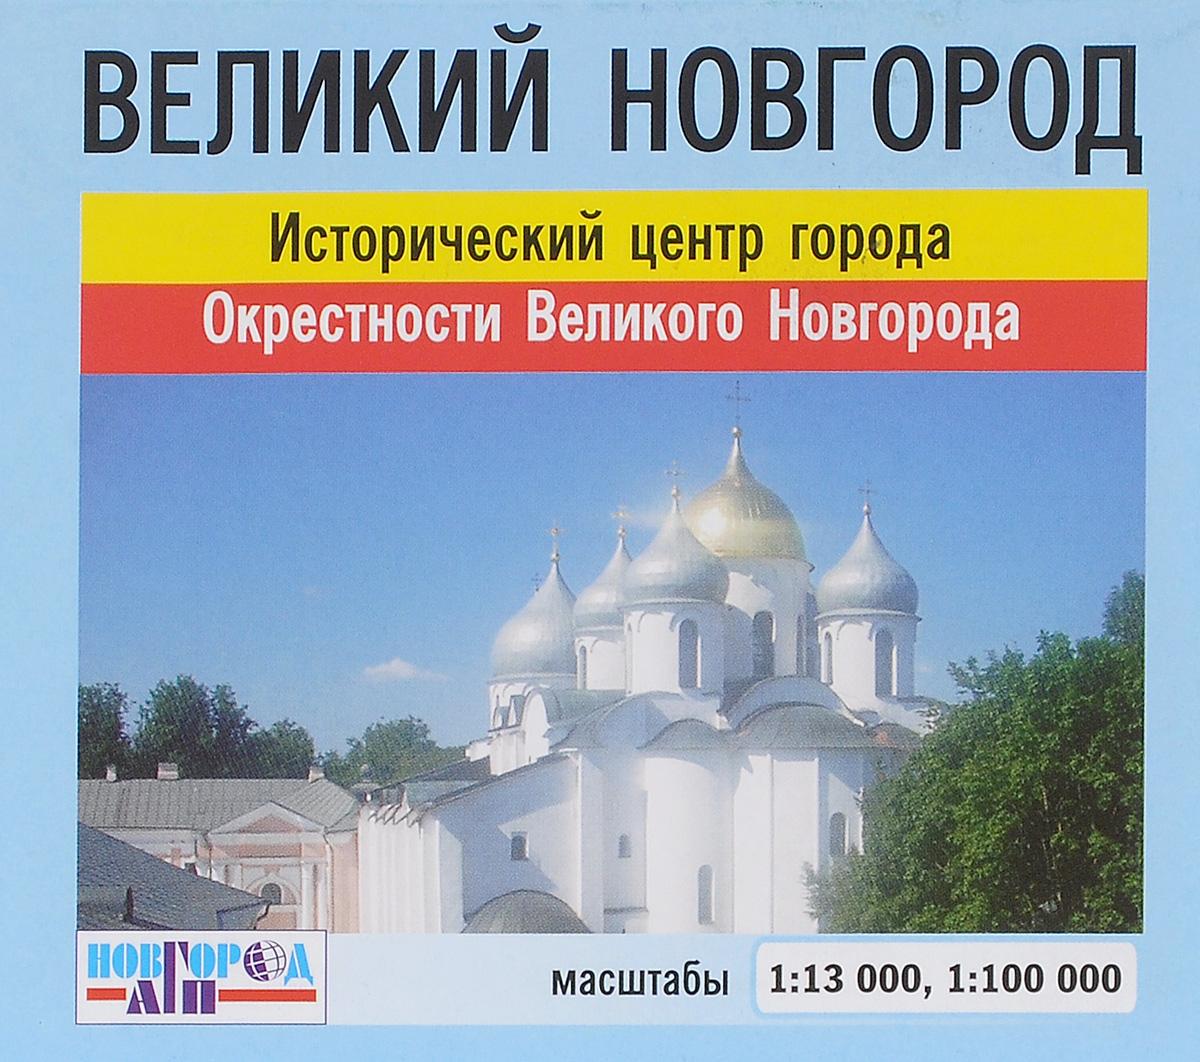 Великий Новгород мини-карта (исторический центр и окрестности) 1:13 000, 1:100 000